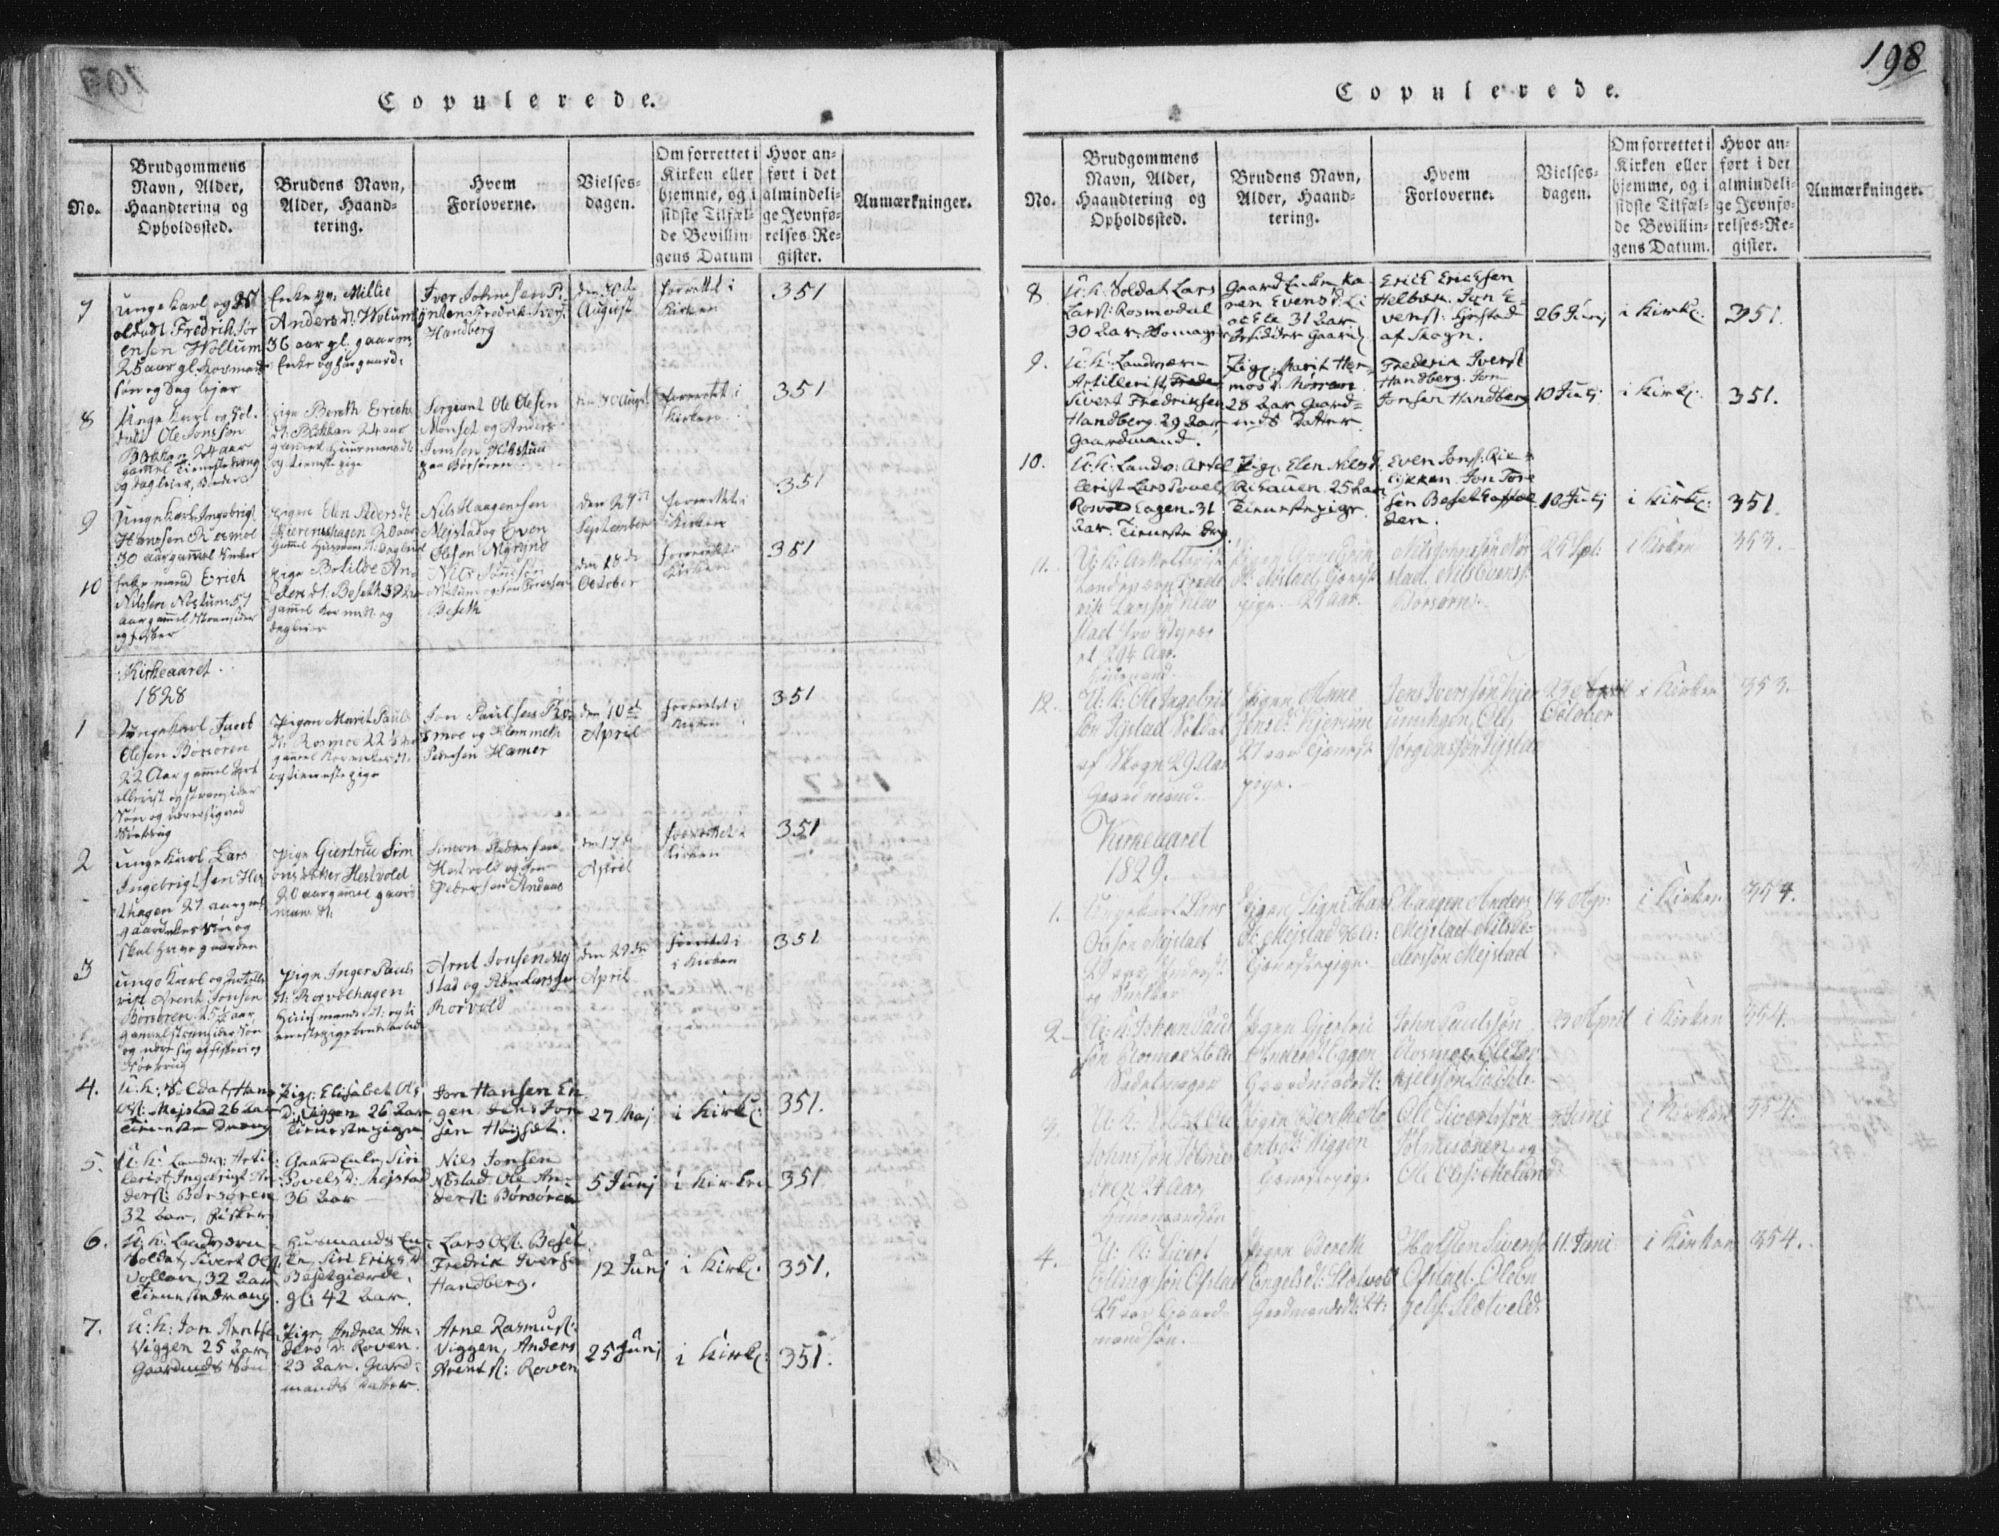 SAT, Ministerialprotokoller, klokkerbøker og fødselsregistre - Sør-Trøndelag, 665/L0770: Ministerialbok nr. 665A05, 1817-1829, s. 198